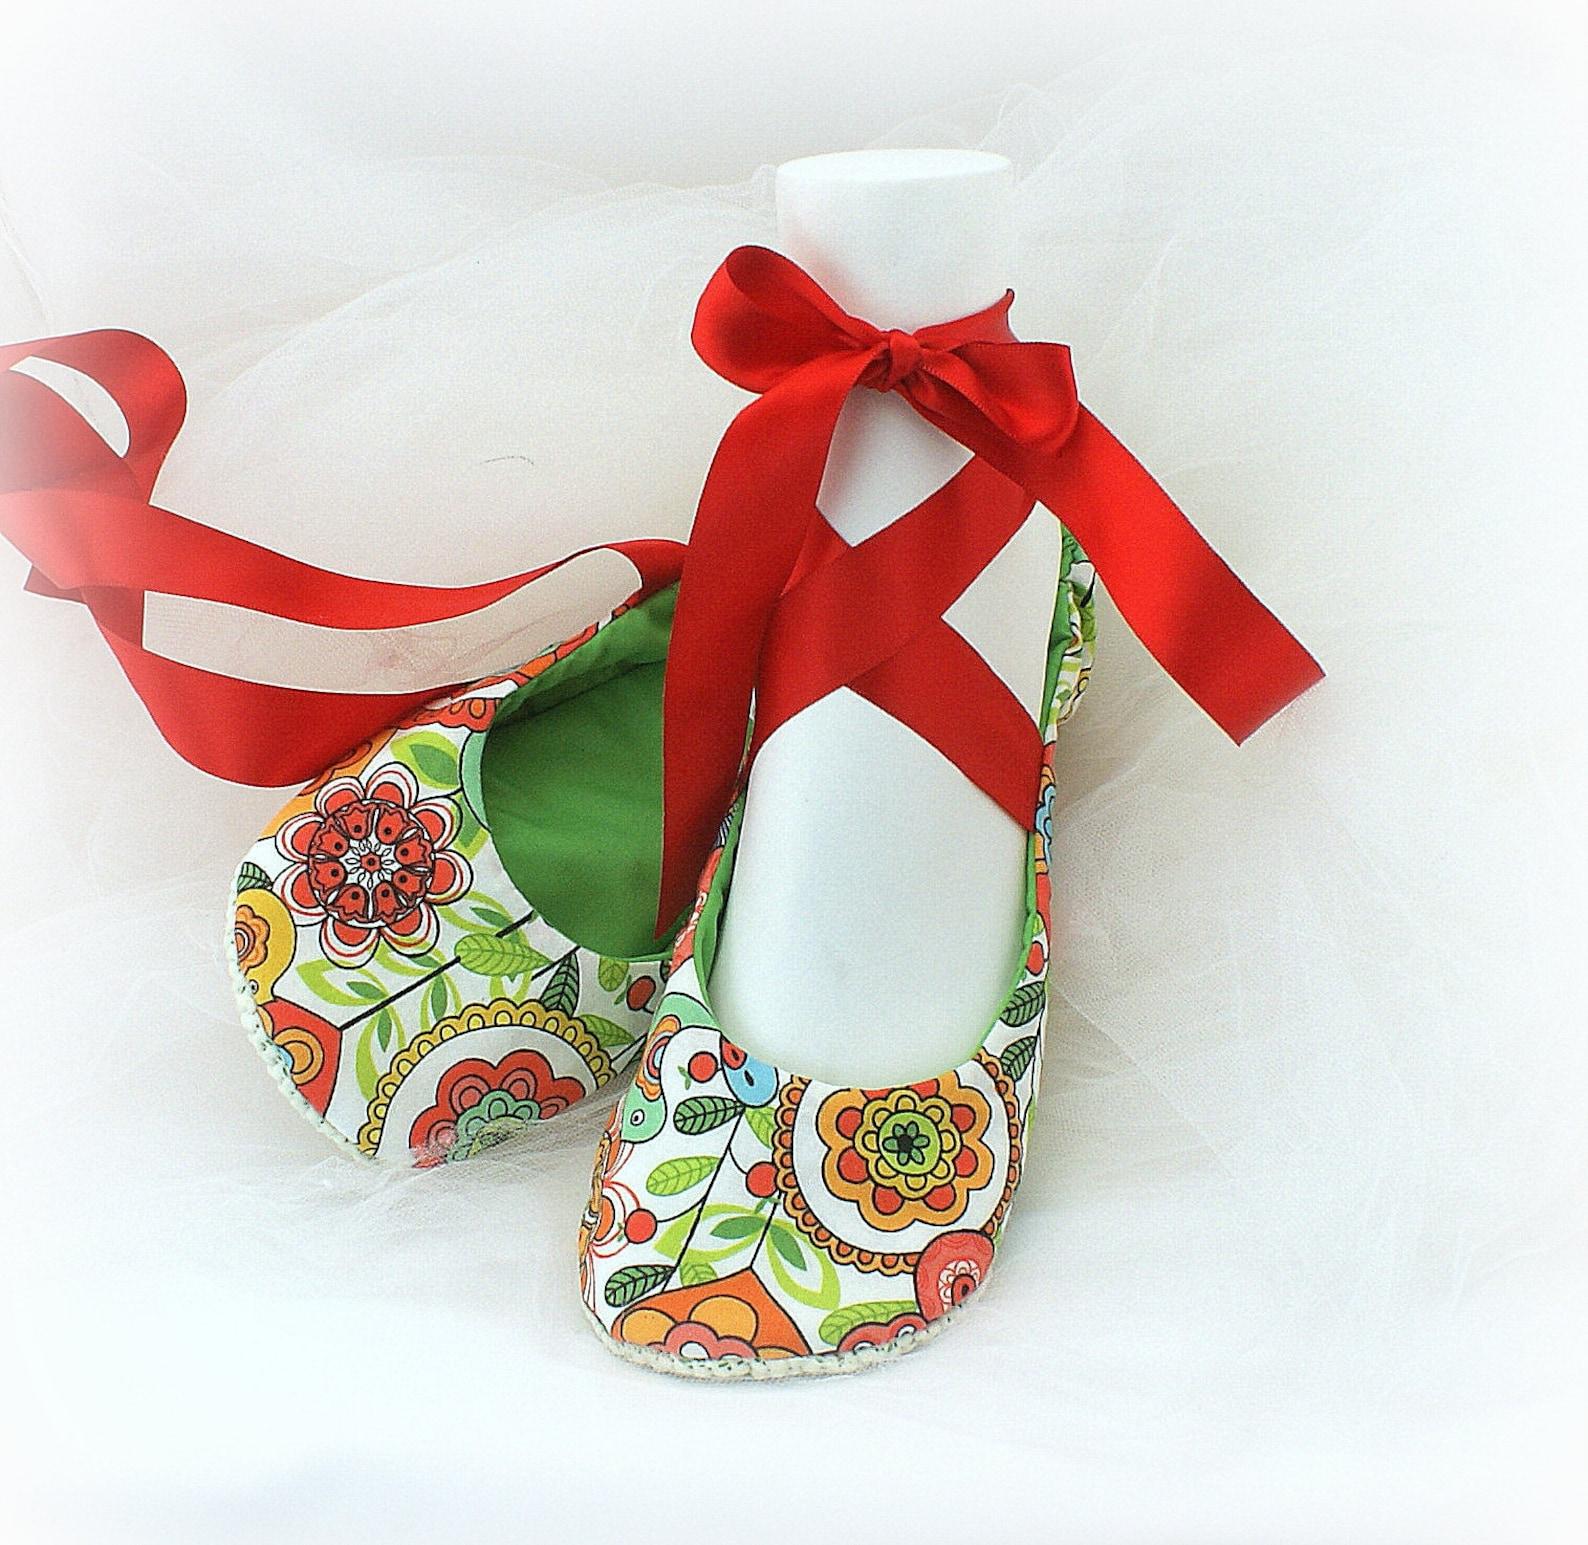 floral print flats,red,green,red ballet flats,ballet slippers,custom ballet flats,garden wedding,summer wedding,flower girl flat